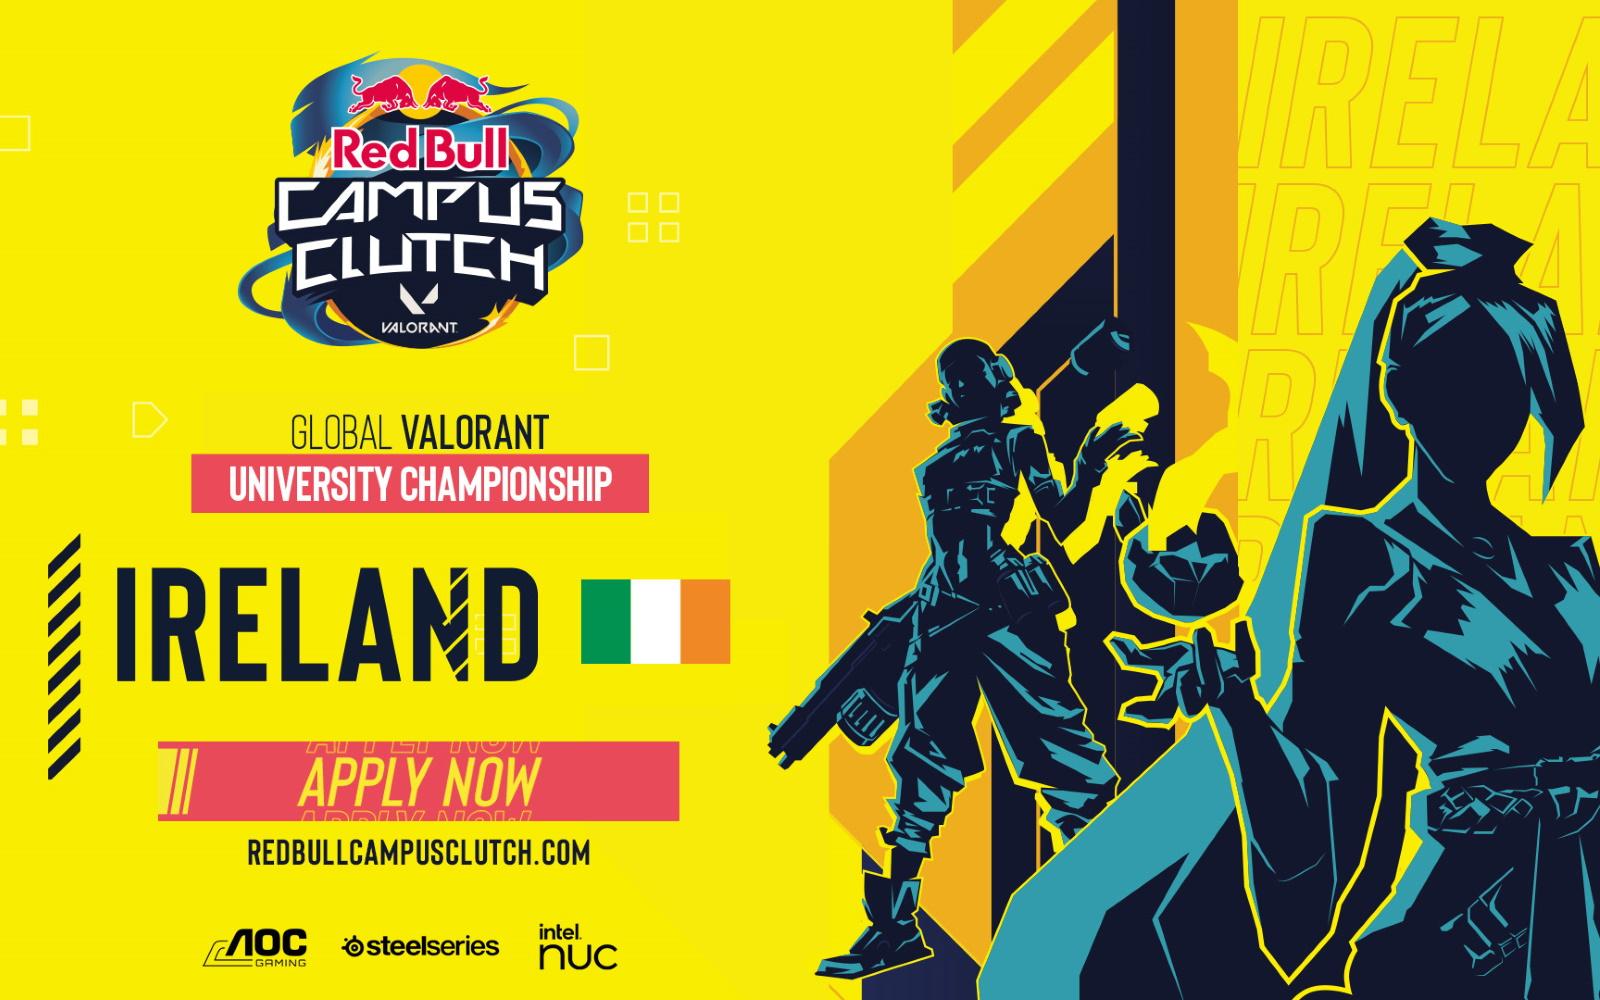 Red Bull Campus Clutch Irish Qualifiers Begin In March